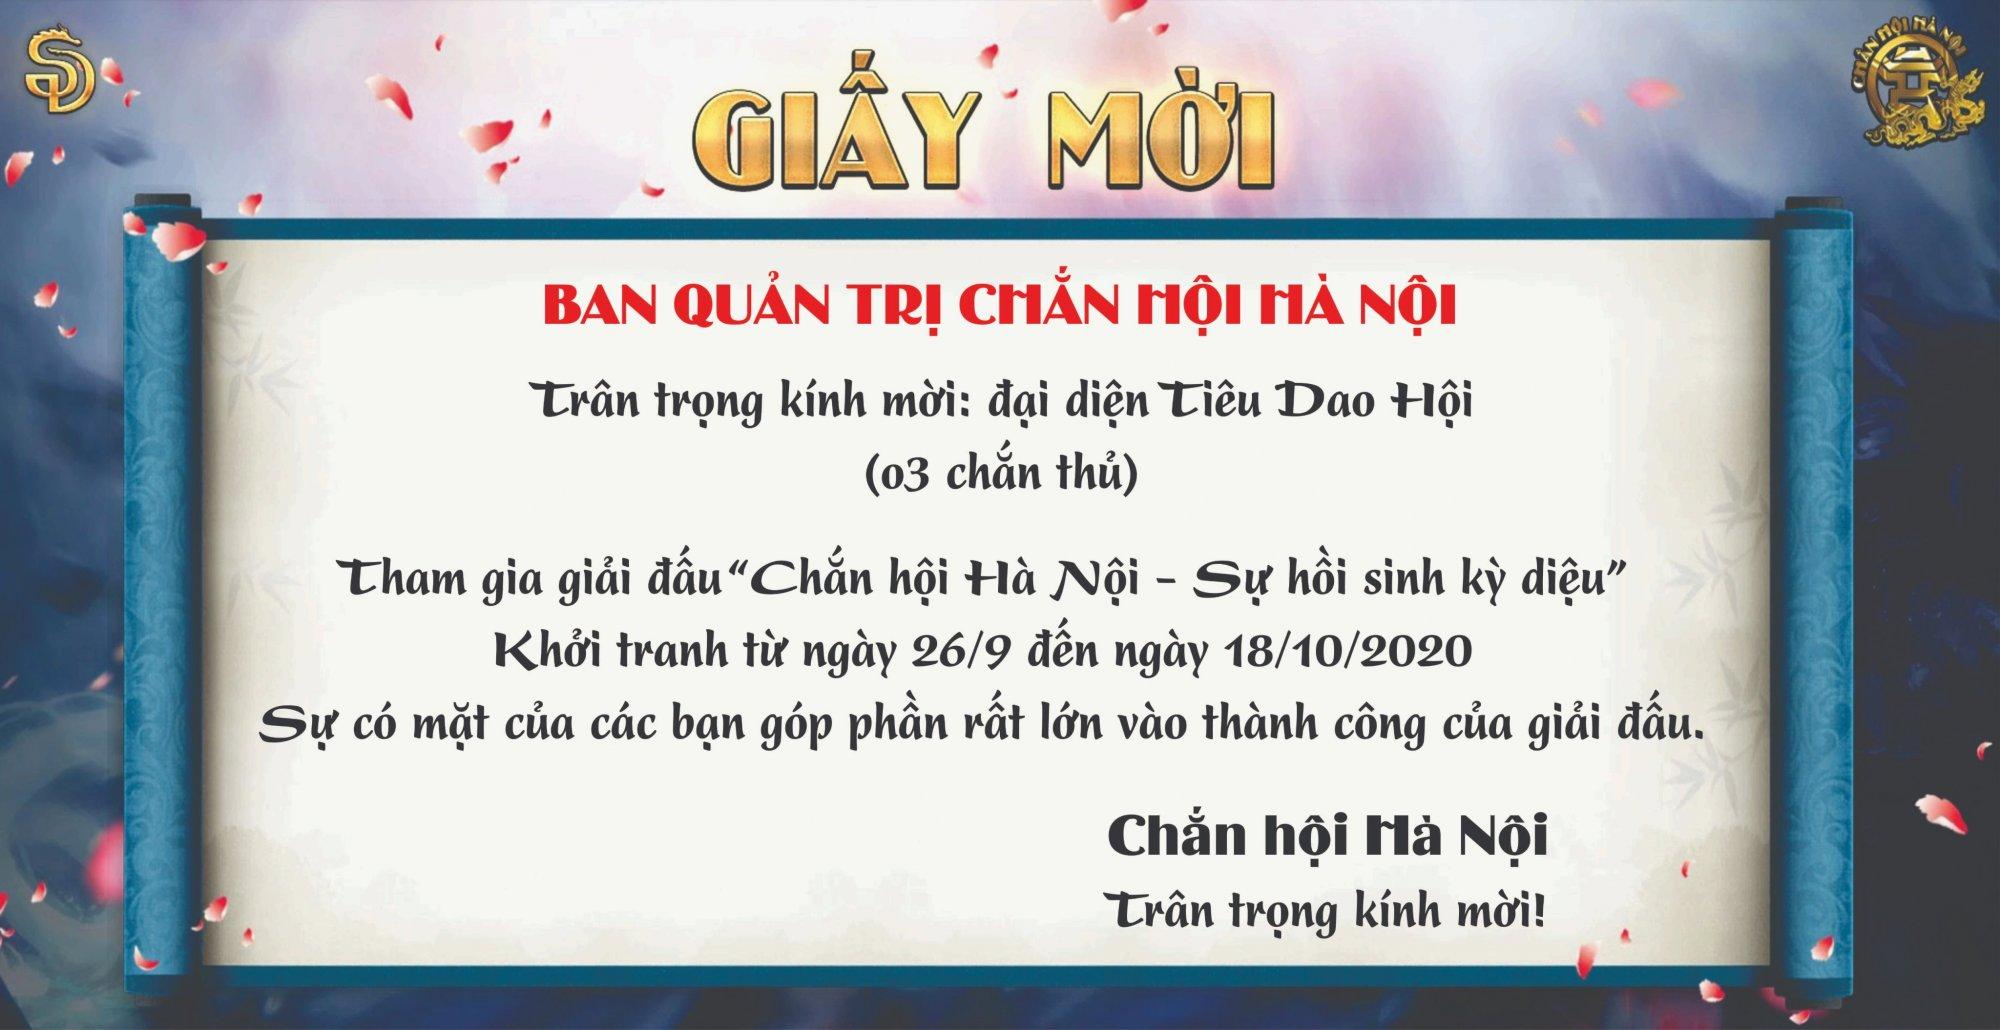 Hà Nội.